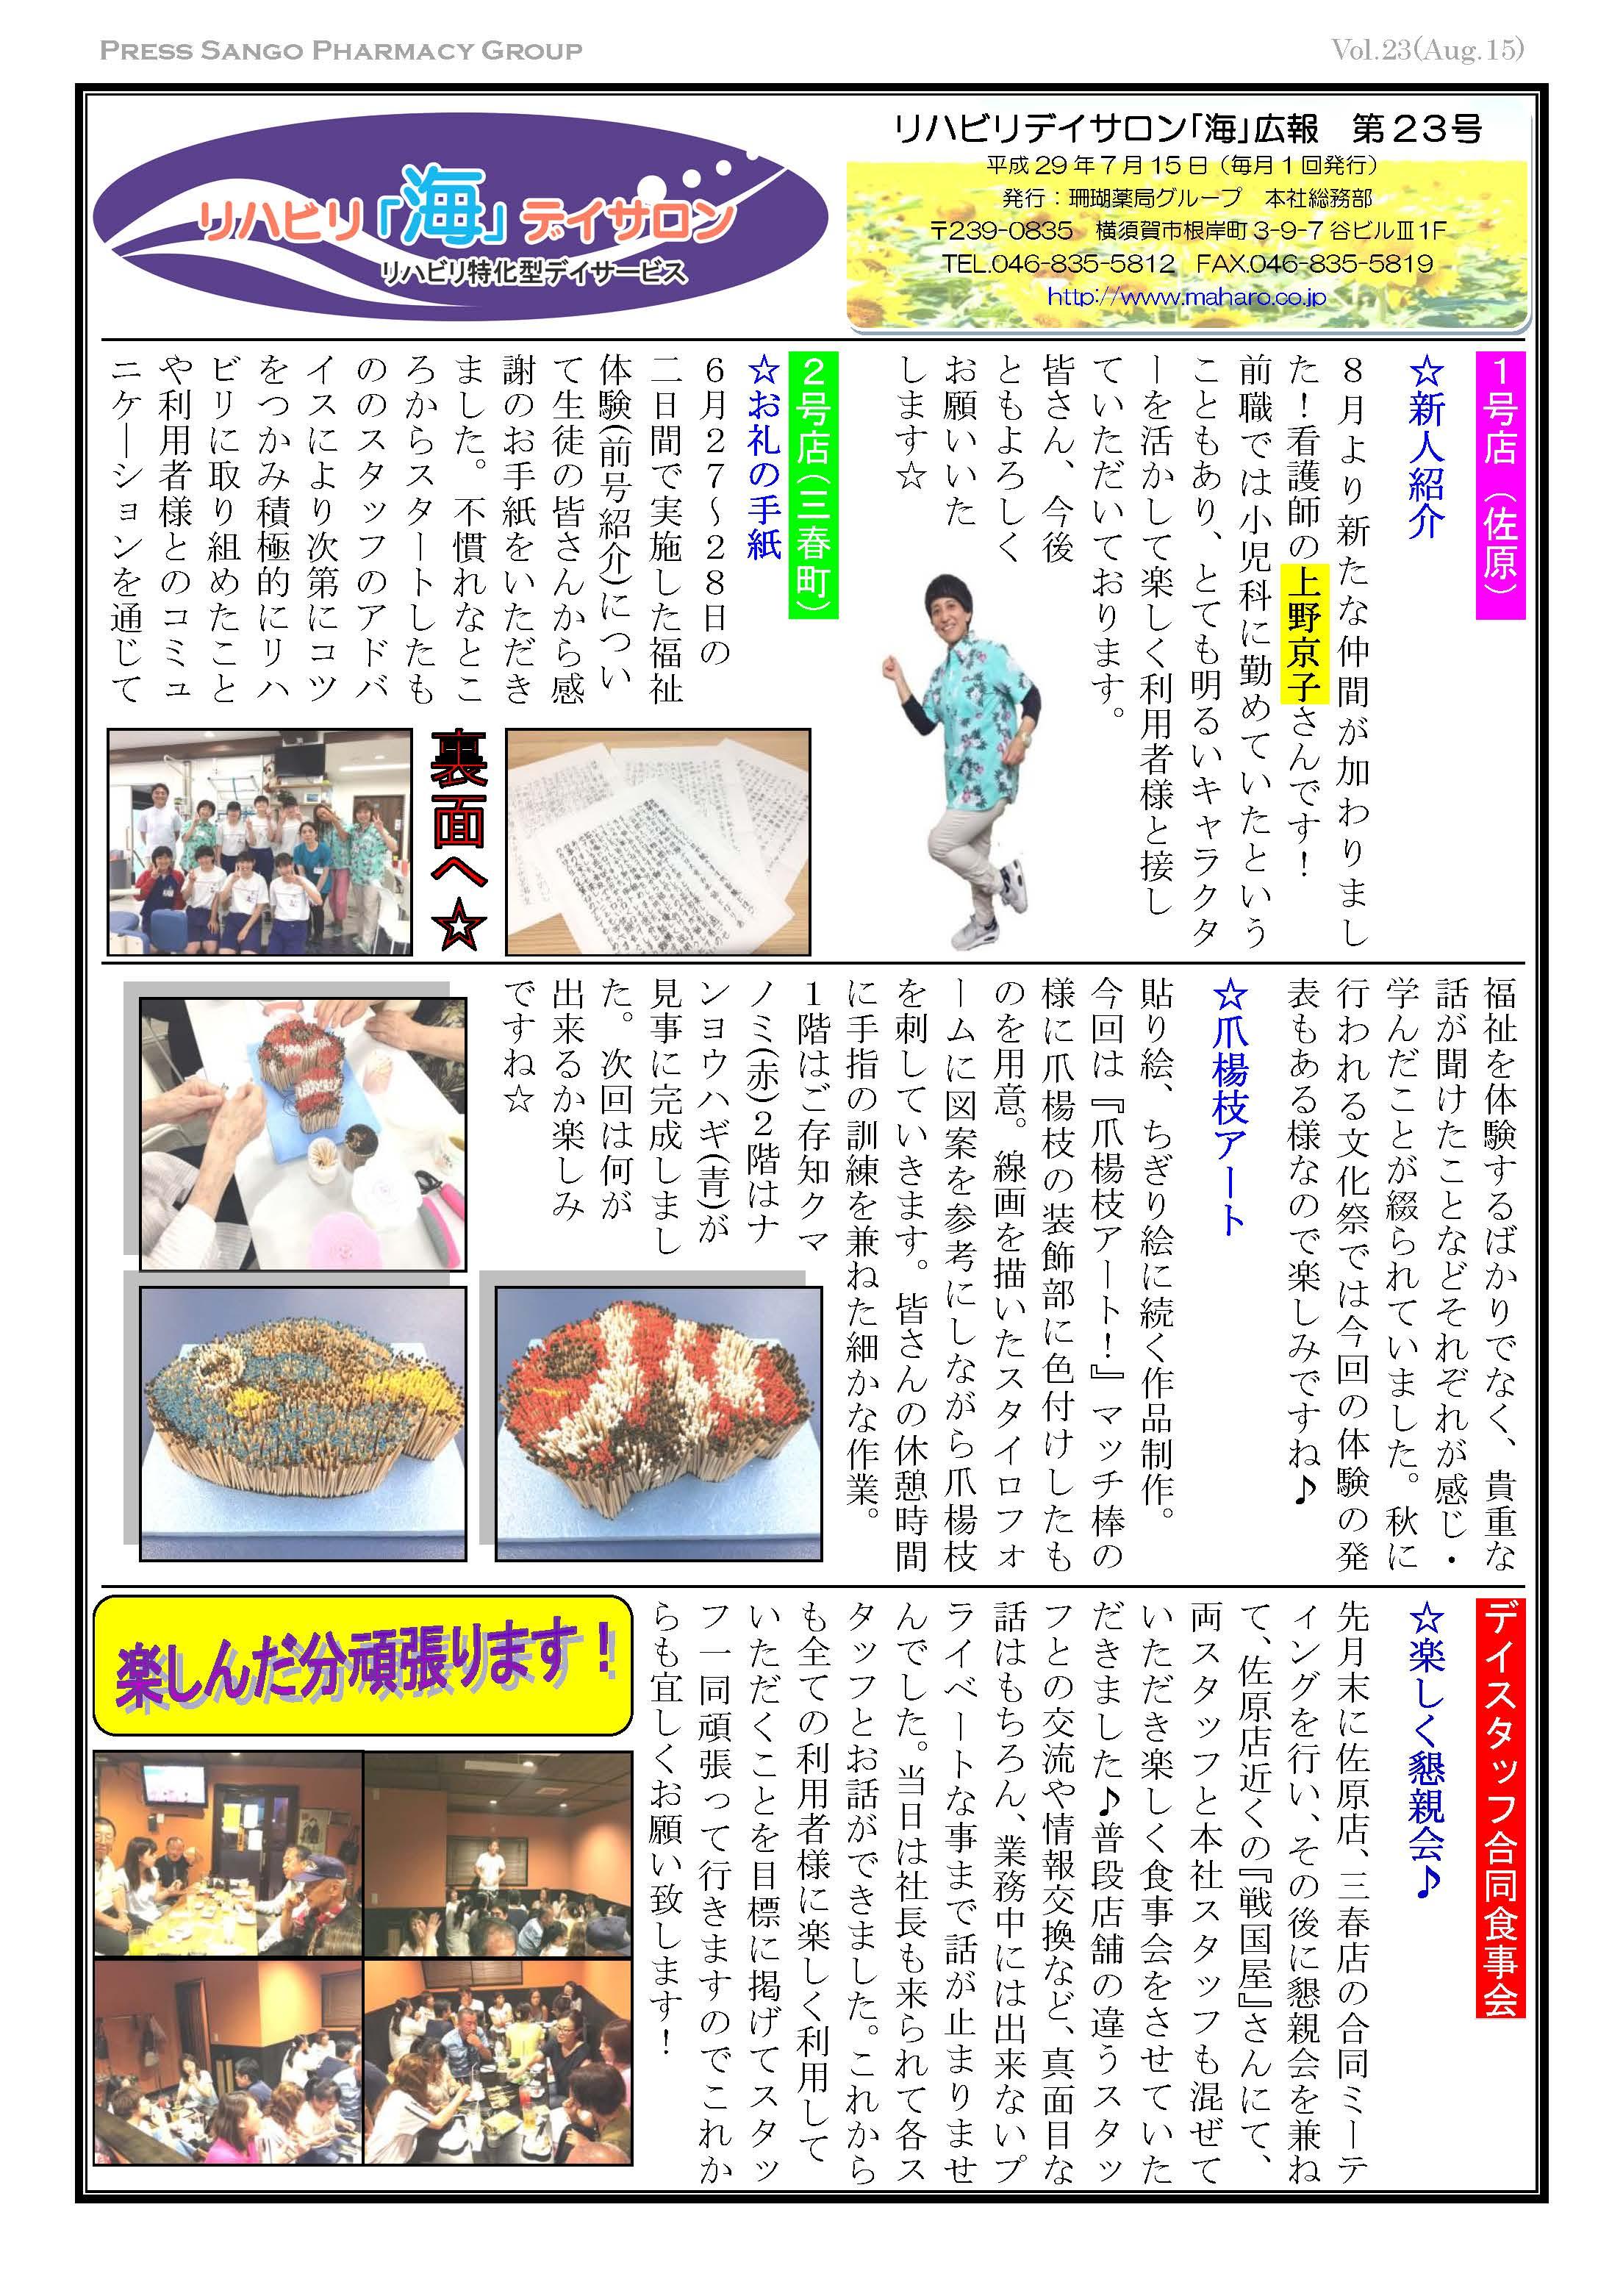 リハビリデイサロン「海」広報誌 第23号